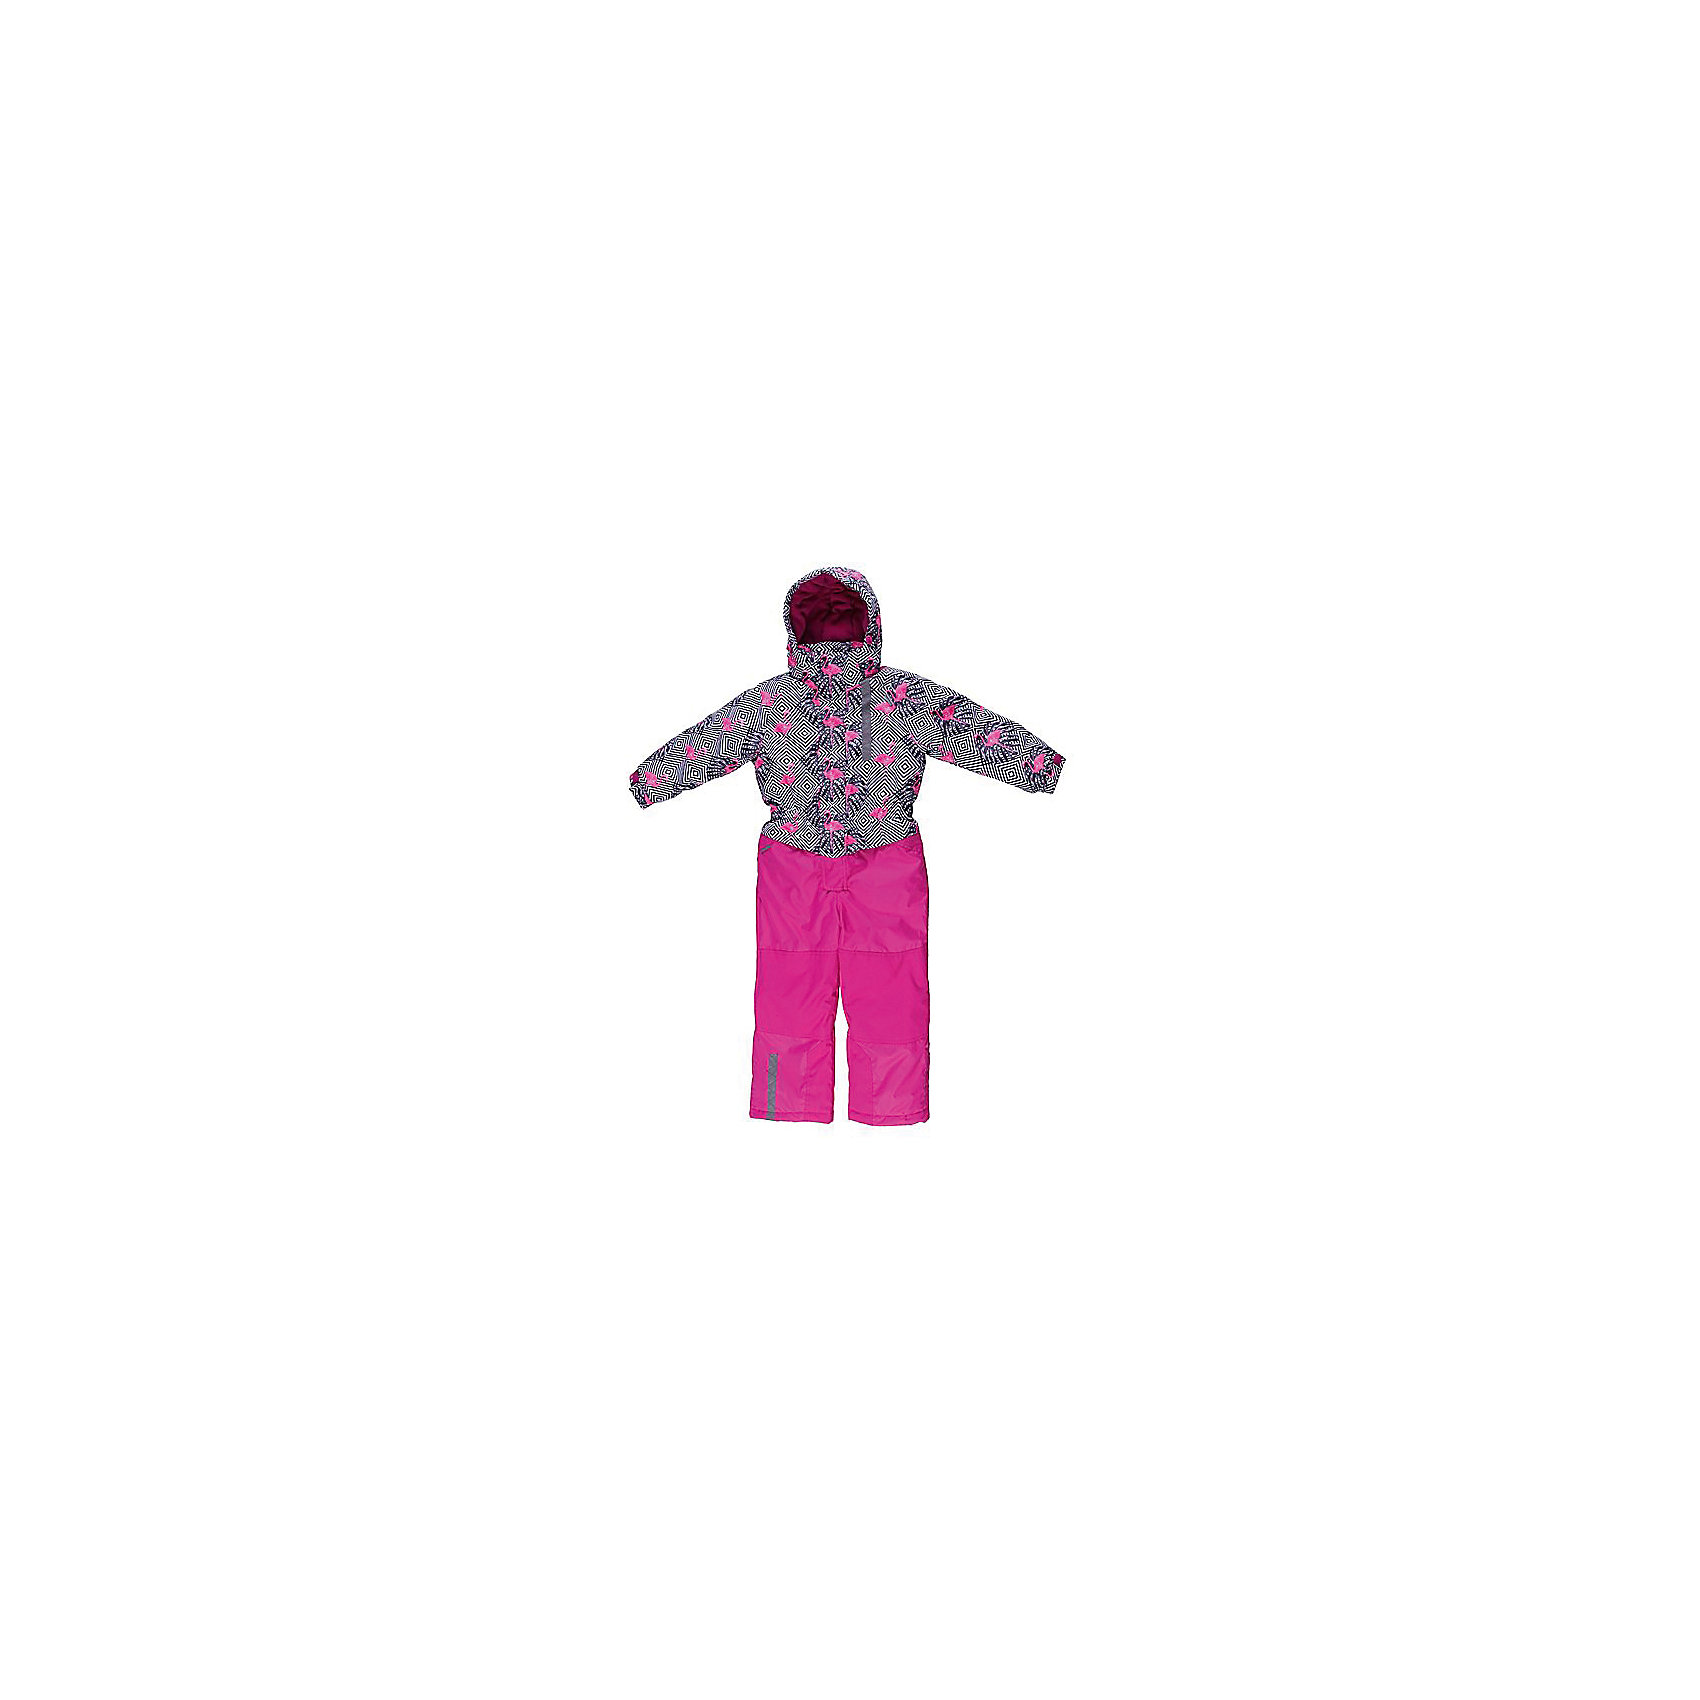 Комбинезон для девочки Sweet BerryКомбинезон для девочки от известного бренда Sweet Berry<br>Яркий комбинезон для девочек из  мембранной, водонепроницаемой (Waterproof - 10000мм), дышащей ( water vapor transmission rate, WVTR -10000гг)  ткани, с грязеотталкивающей пропиткой.  Съемный капюшон на кнопках регулируется резинкой со стоппером. Внутренняя часть низа брюк выполнена из усиленной ткани. Рукава с дополнительной манжетой с вырезом для пальца. Отделка светоотражающим кантом.  Две ветрозащитные планки. Внутри подкладка  флис. Внизу штанин имеются внутренние манжеты из подкладки на прорезиненной эластичной резинки.  Утеплитель 200гр.-тело, 180гр.-рукава, брюки.<br>Состав:<br>Верх: комбинезон: 100%полиэстер.  Подкладка: 100%полиэстер. Наполнитель: 100%полиэстер<br><br>Ширина мм: 356<br>Глубина мм: 10<br>Высота мм: 245<br>Вес г: 519<br>Цвет: розовый<br>Возраст от месяцев: 48<br>Возраст до месяцев: 60<br>Пол: Женский<br>Возраст: Детский<br>Размер: 128,98,122,116,92,134,110,104<br>SKU: 4960067